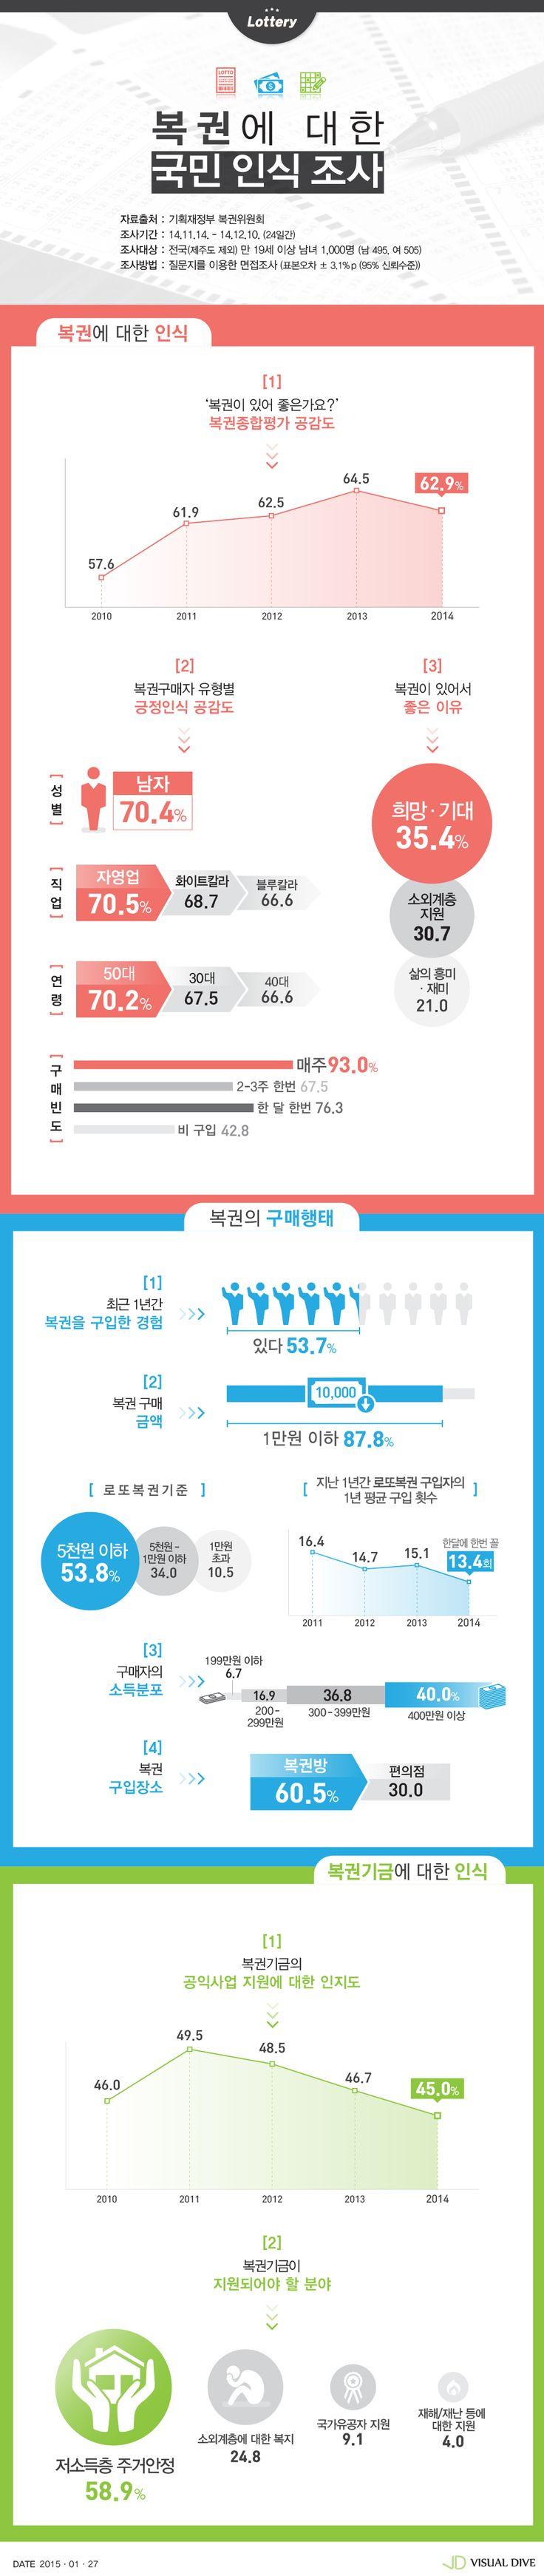 복권에 대한 인식 '긍정 62.9%'… 좋은 이유는 '희망‧기대' 때문 [인포그래픽] #lottery / #Infographic ⓒ 비주얼다이브 무단 복사·전재·재배포 금지